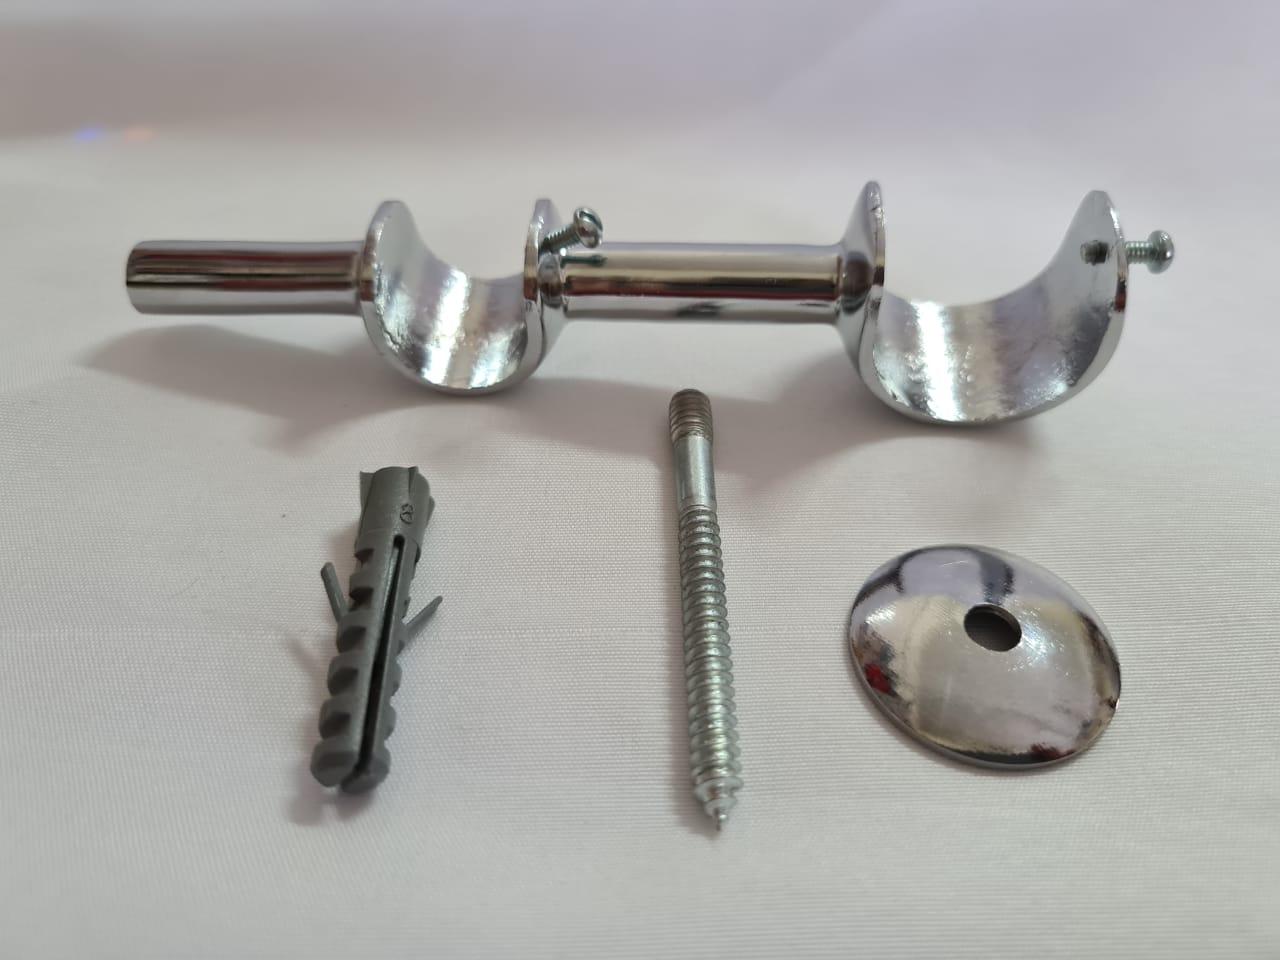 Kit Com 3 Suporte Para Parede Duplo Cromado 19/28 mm 1 Furo